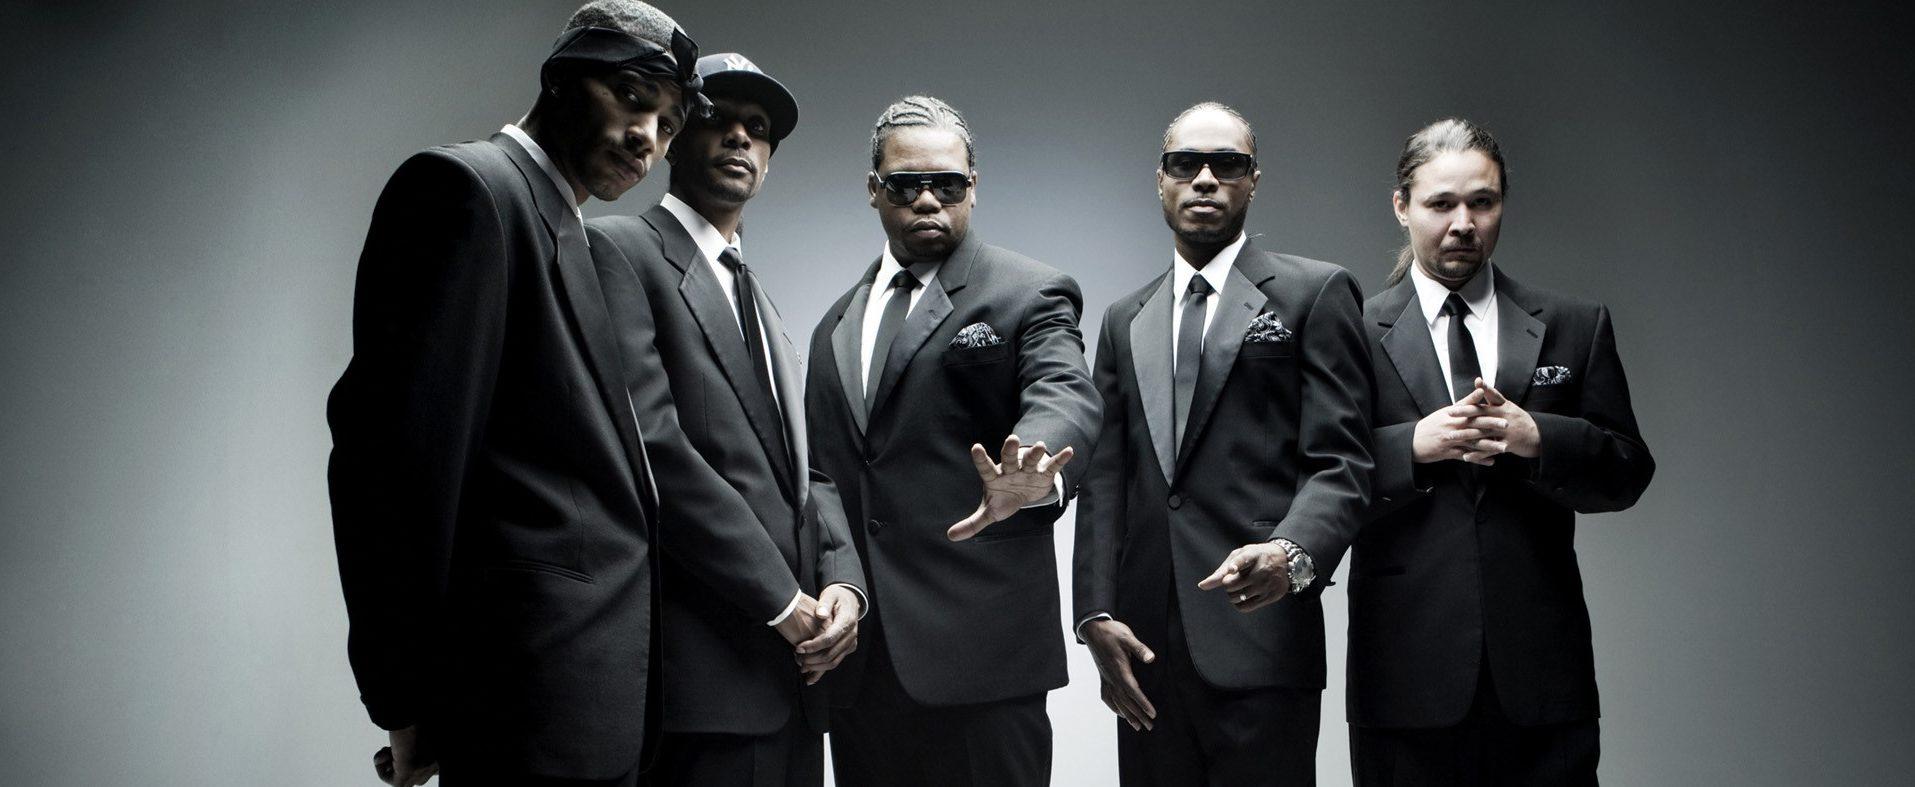 Gagnez vos places pour assister au concert unique des Bone Thugs-n-Harmony au Wanderlust